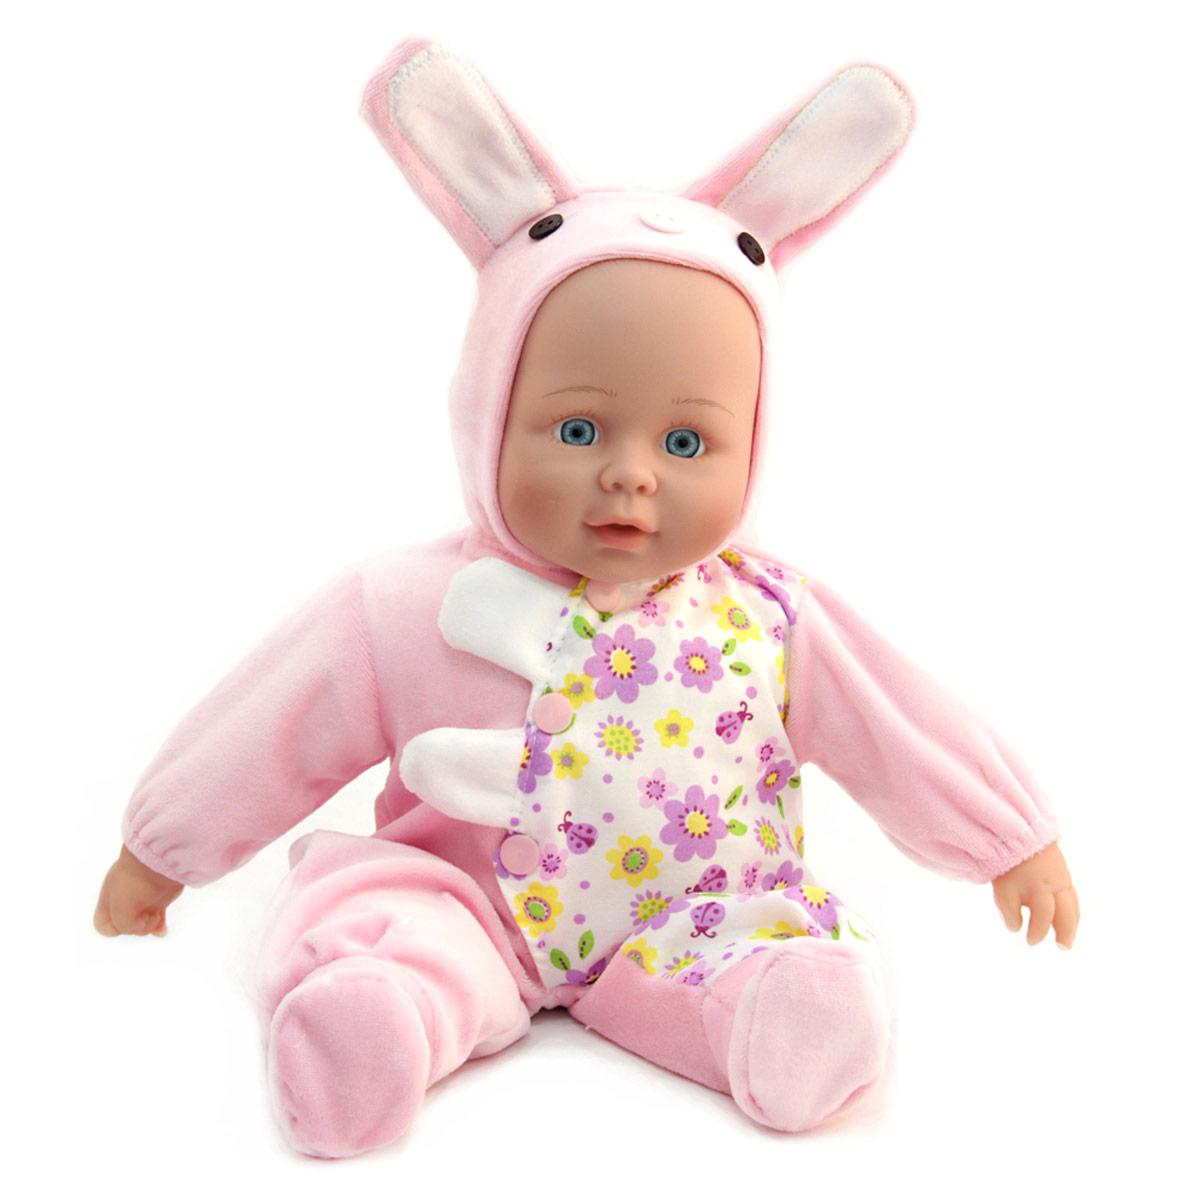 Lisa Jane Пупс озвученный в розовом комбинезонеUT-J1661Кукла интерактивная: говорит (более 50 фраз), рассказывает 2 стихотворения, поет песенку про маму. Любимая колыбельная мелодия. Нажми на ручку! Для куклы требуются 3 батарейки типа АА, в состав набора на входят.